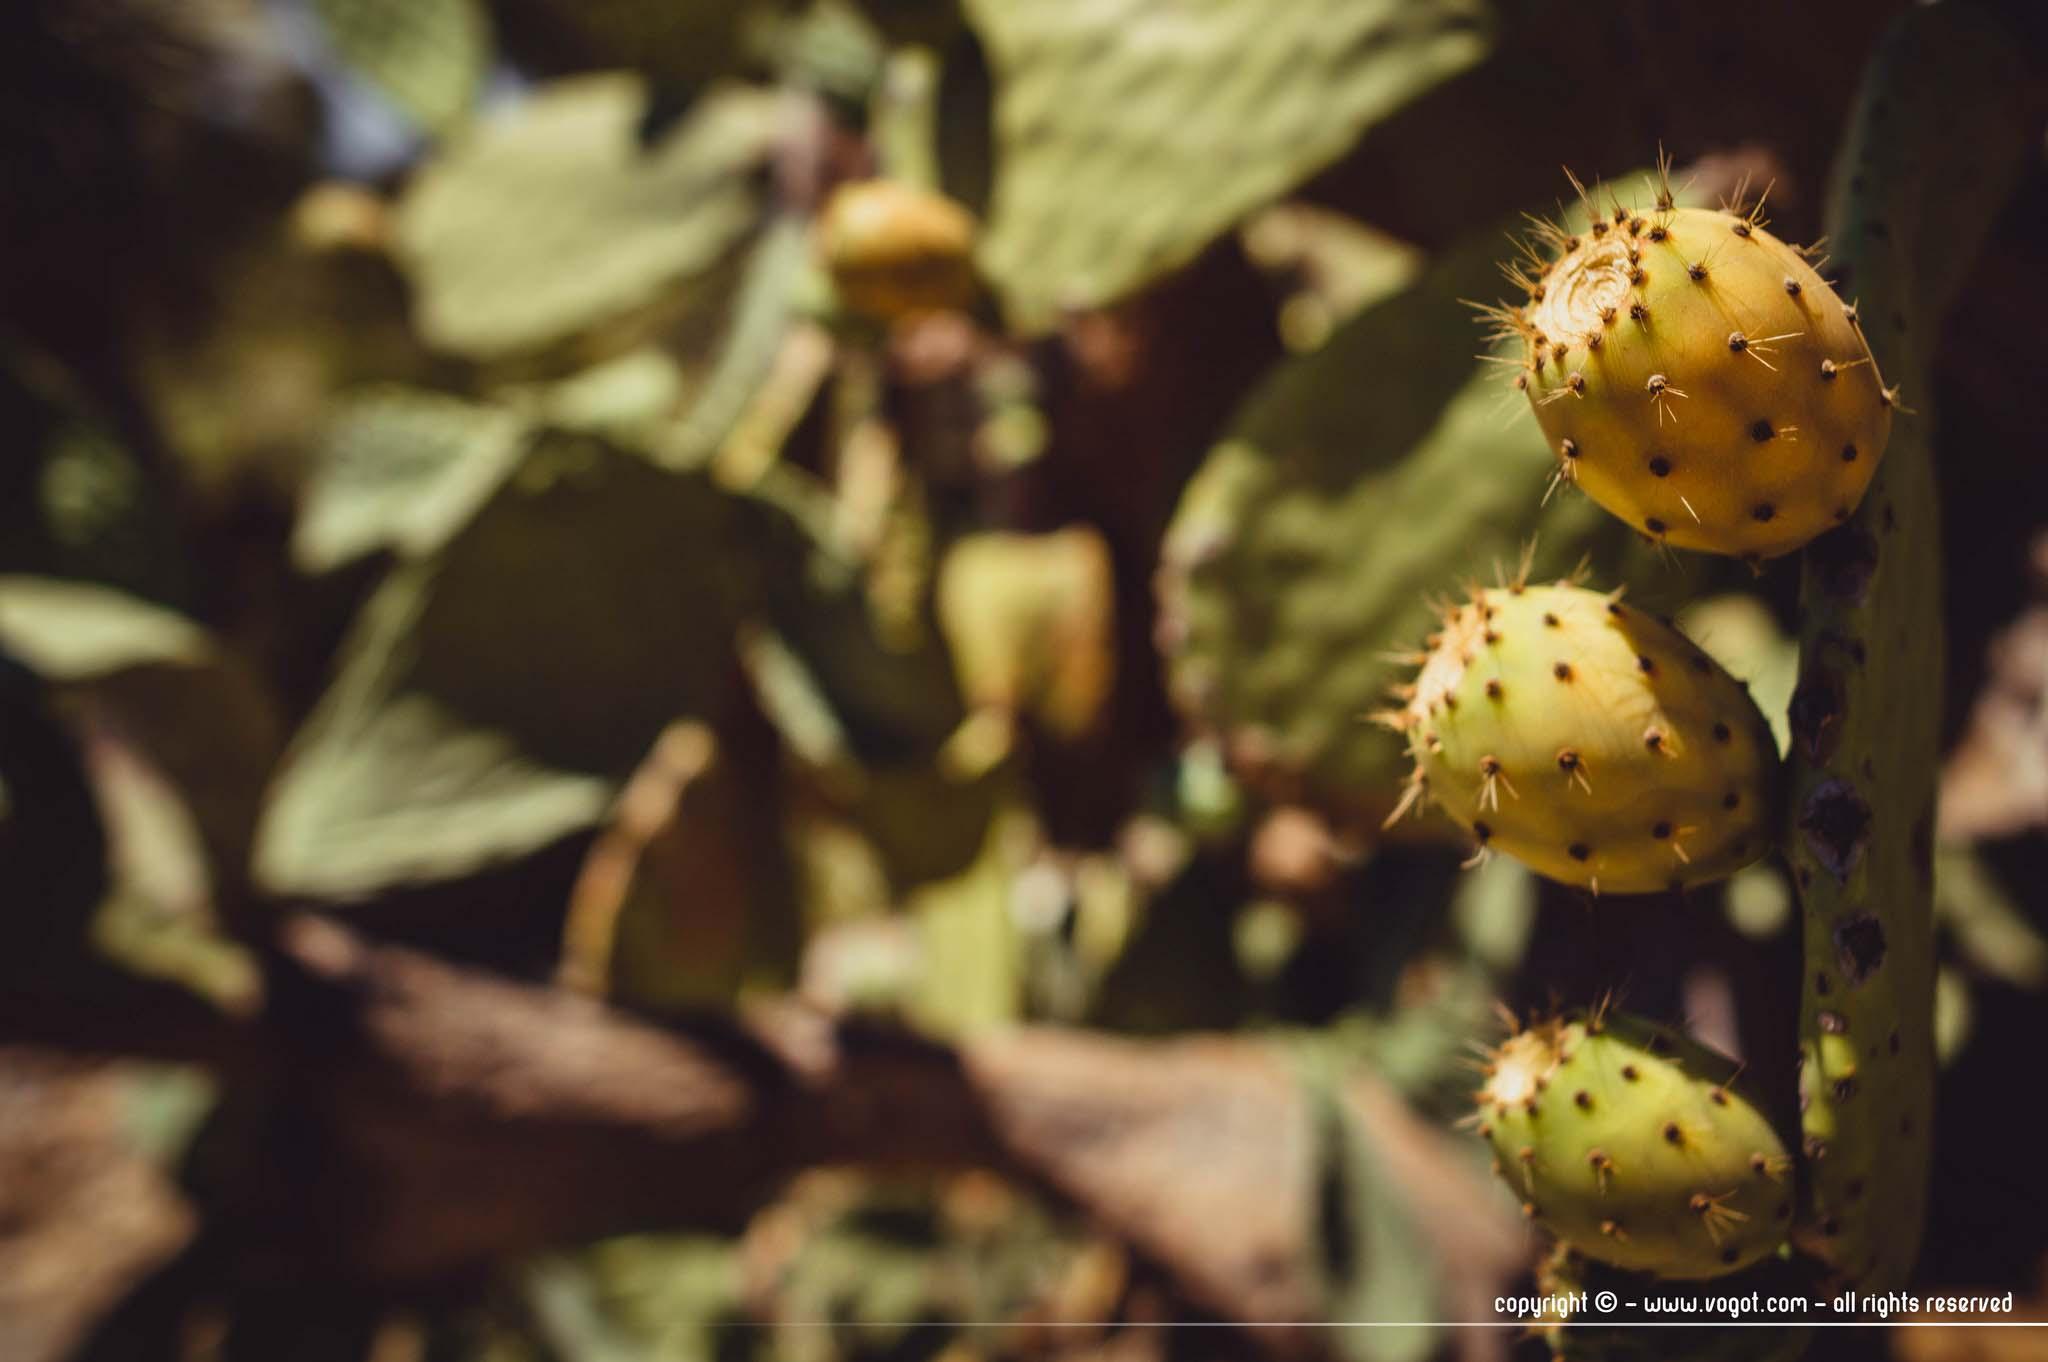 Domaine du Rayol - Figues de barbarie du jardin d'Amérique aride